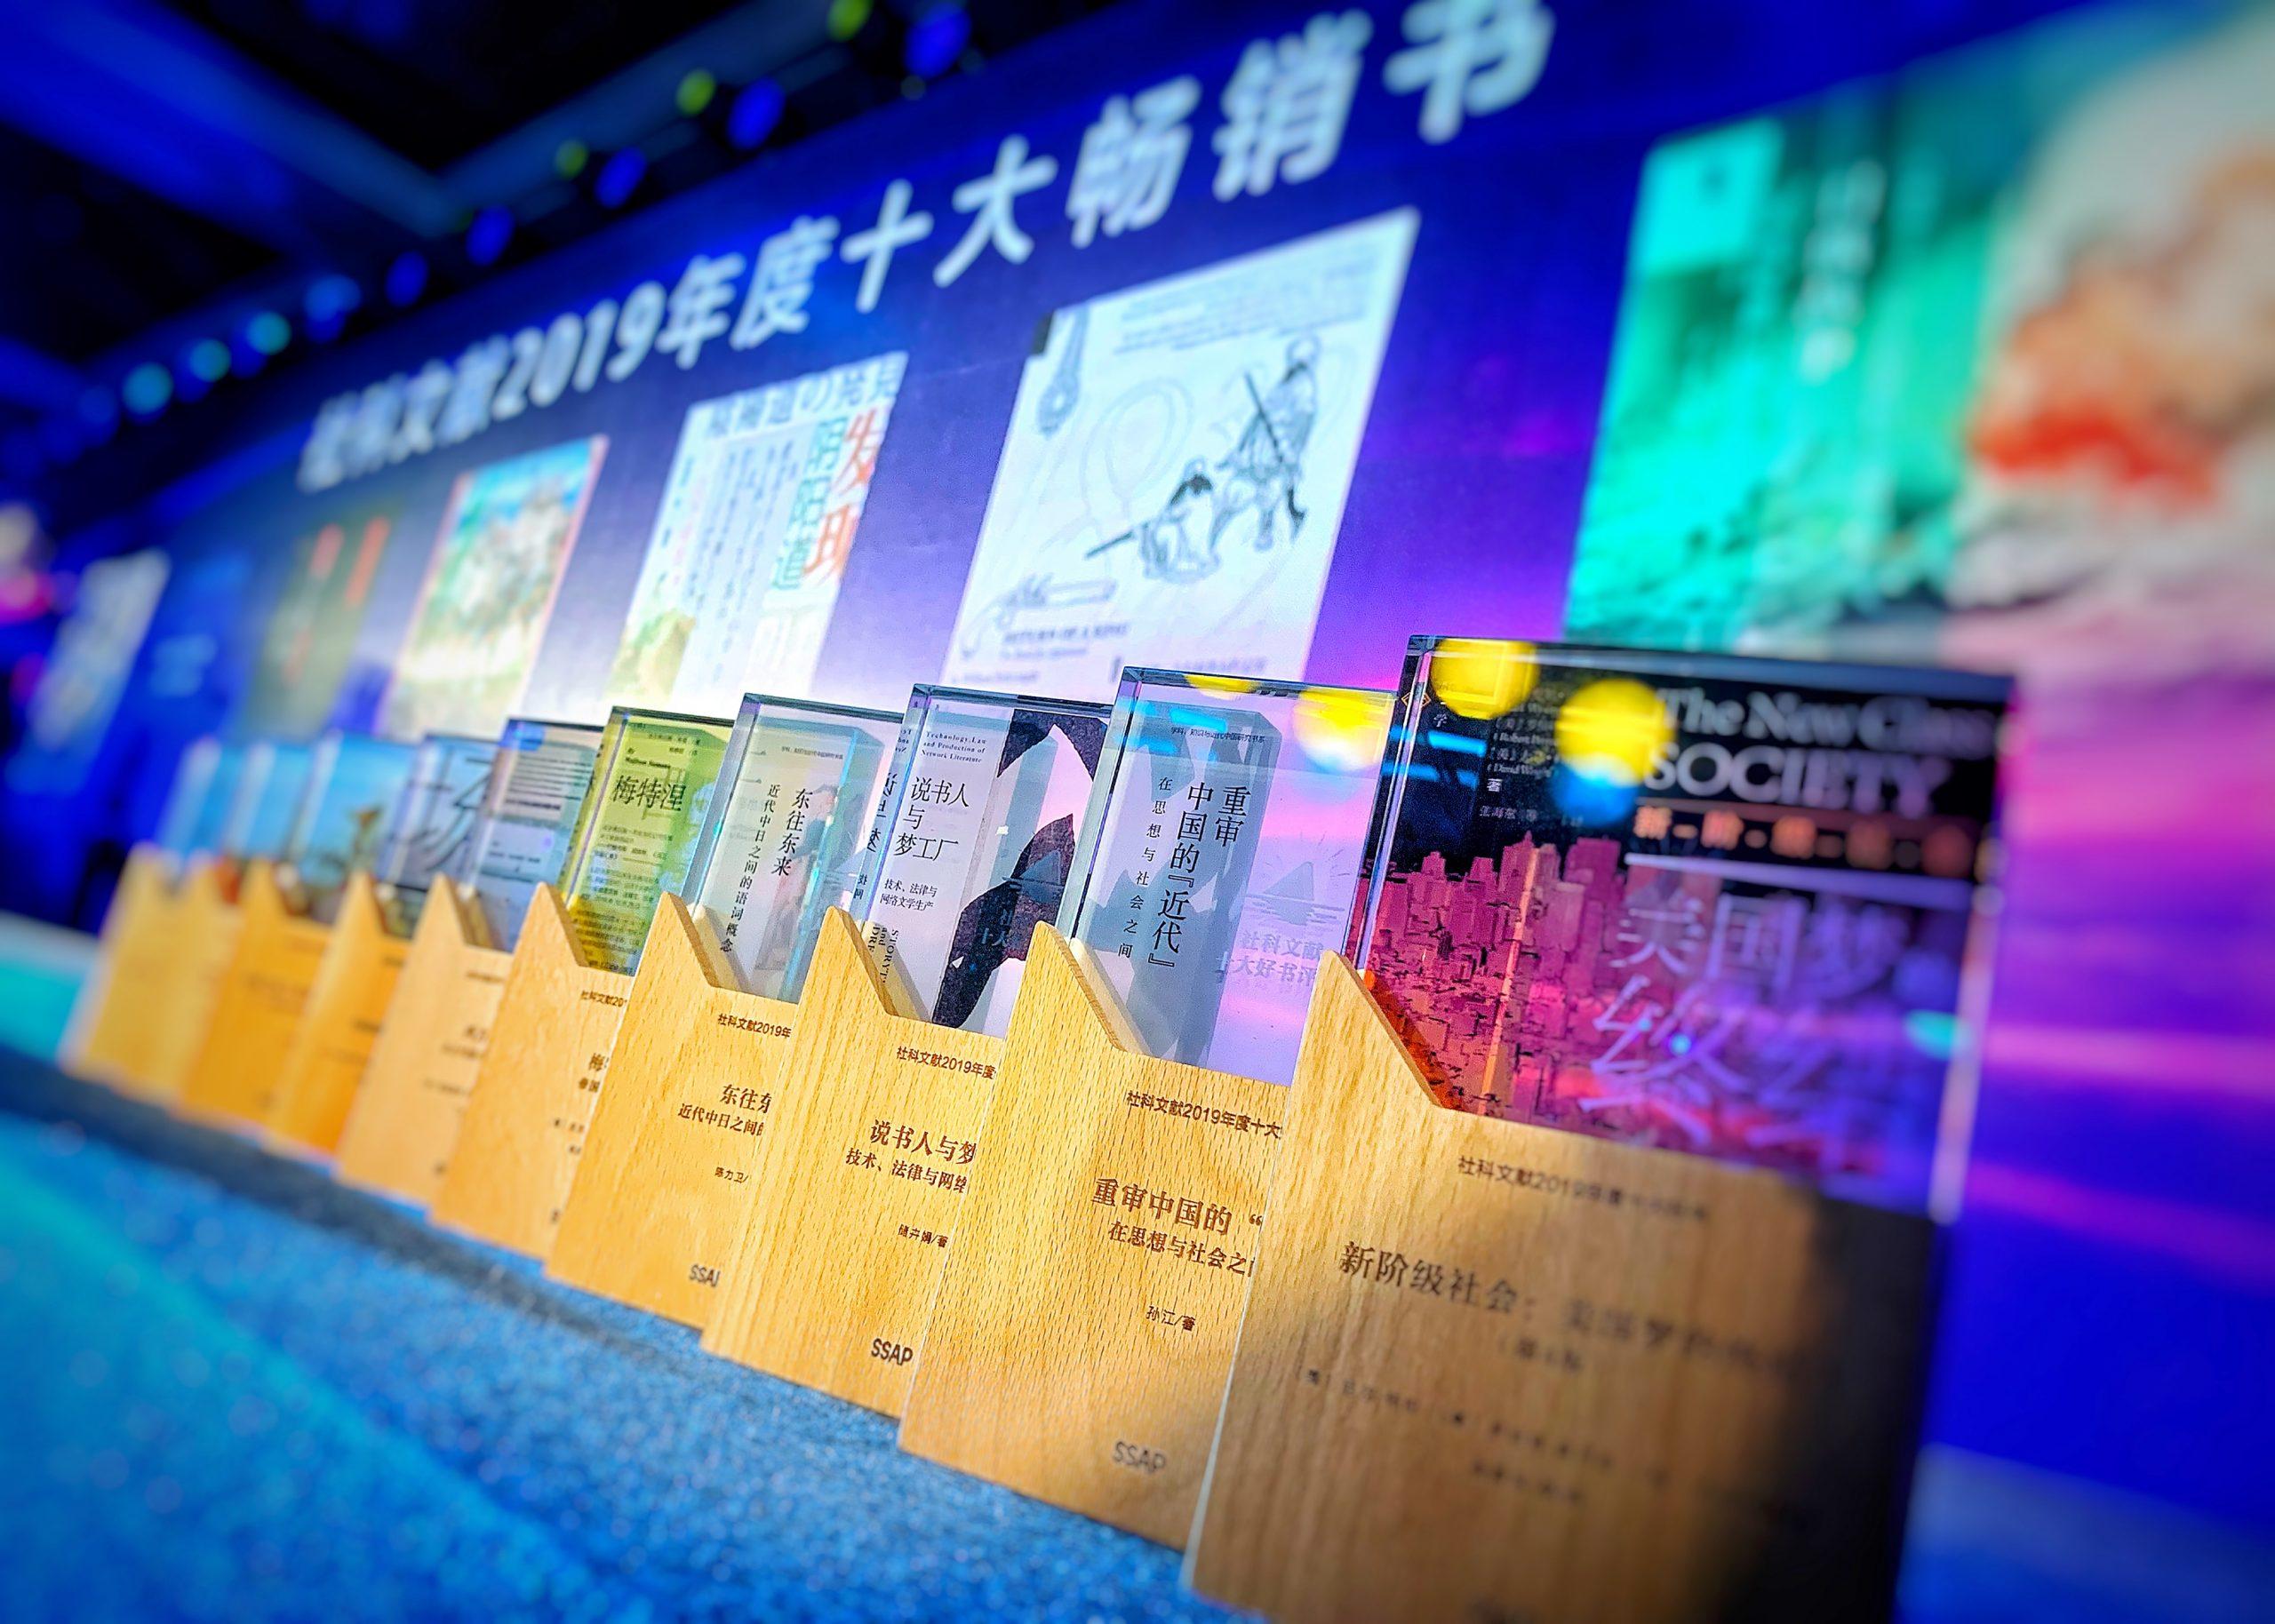 谢寿光:中国版芝加哥手册之梦-出版人杂志官网